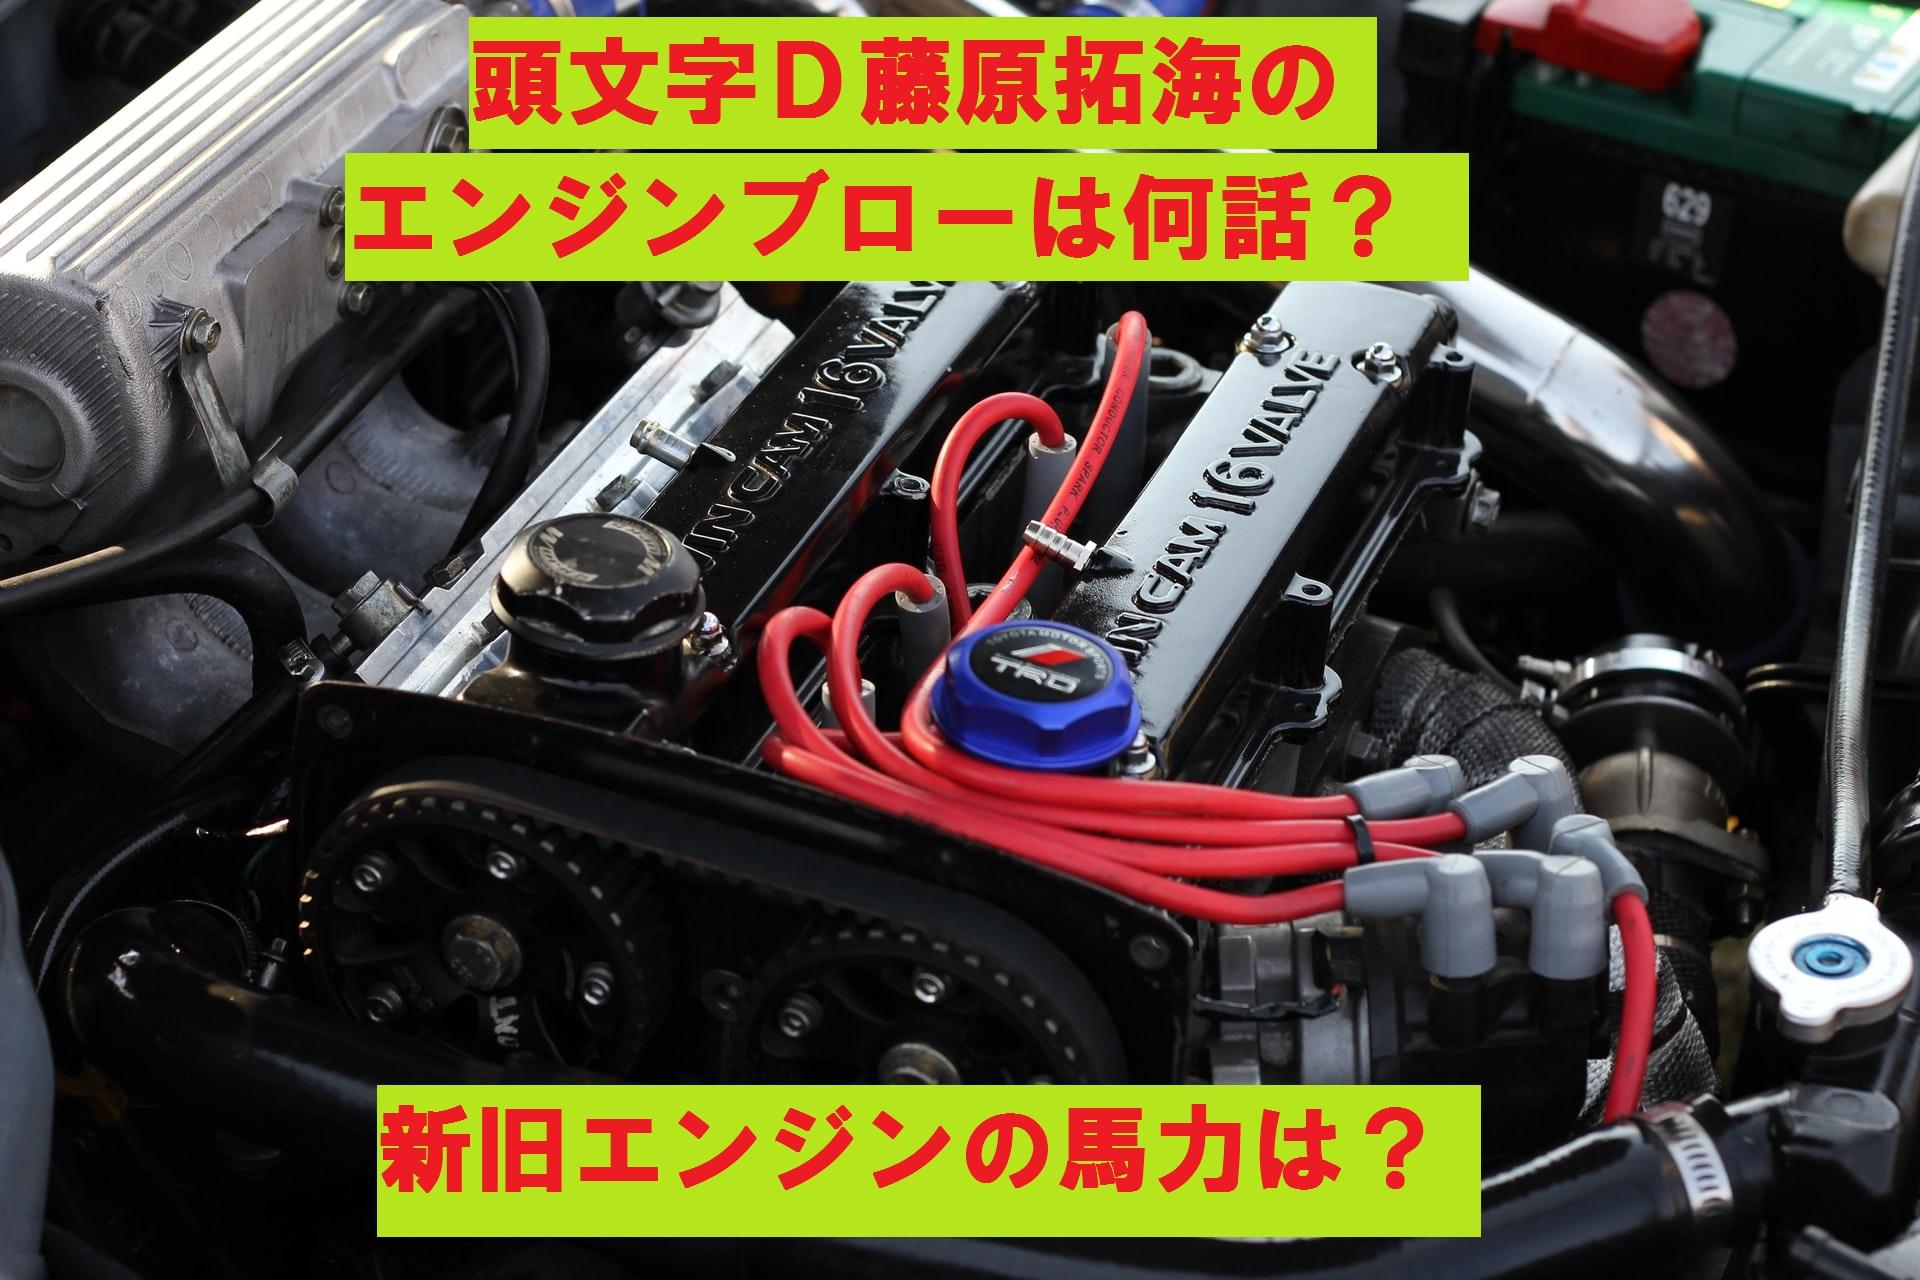 【原因】イニシャルD-藤原拓海のエンジンブローは何話?【1回目・2回目・馬力・最終回】